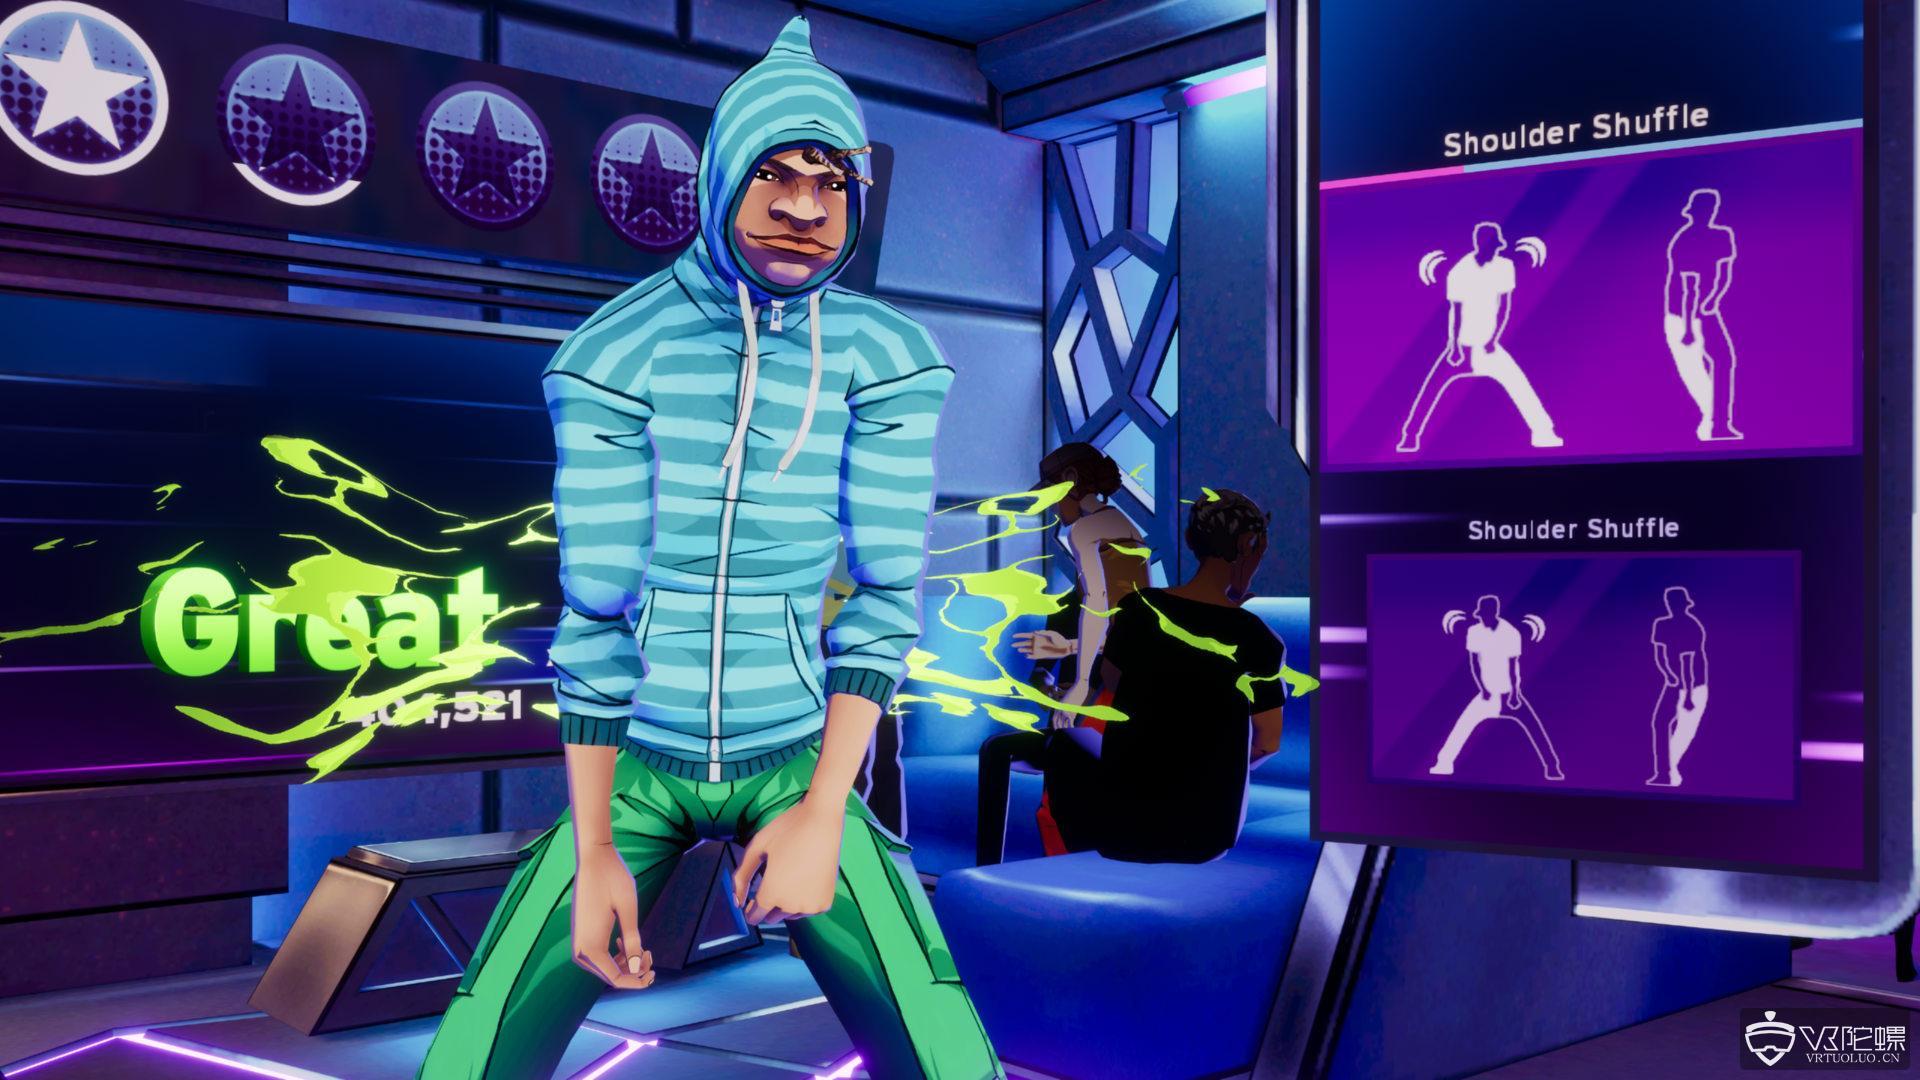 喜欢舞蹈游戏?不容错过的音乐舞蹈游戏《Dance Central VR》今春将登陆Quest&Rift